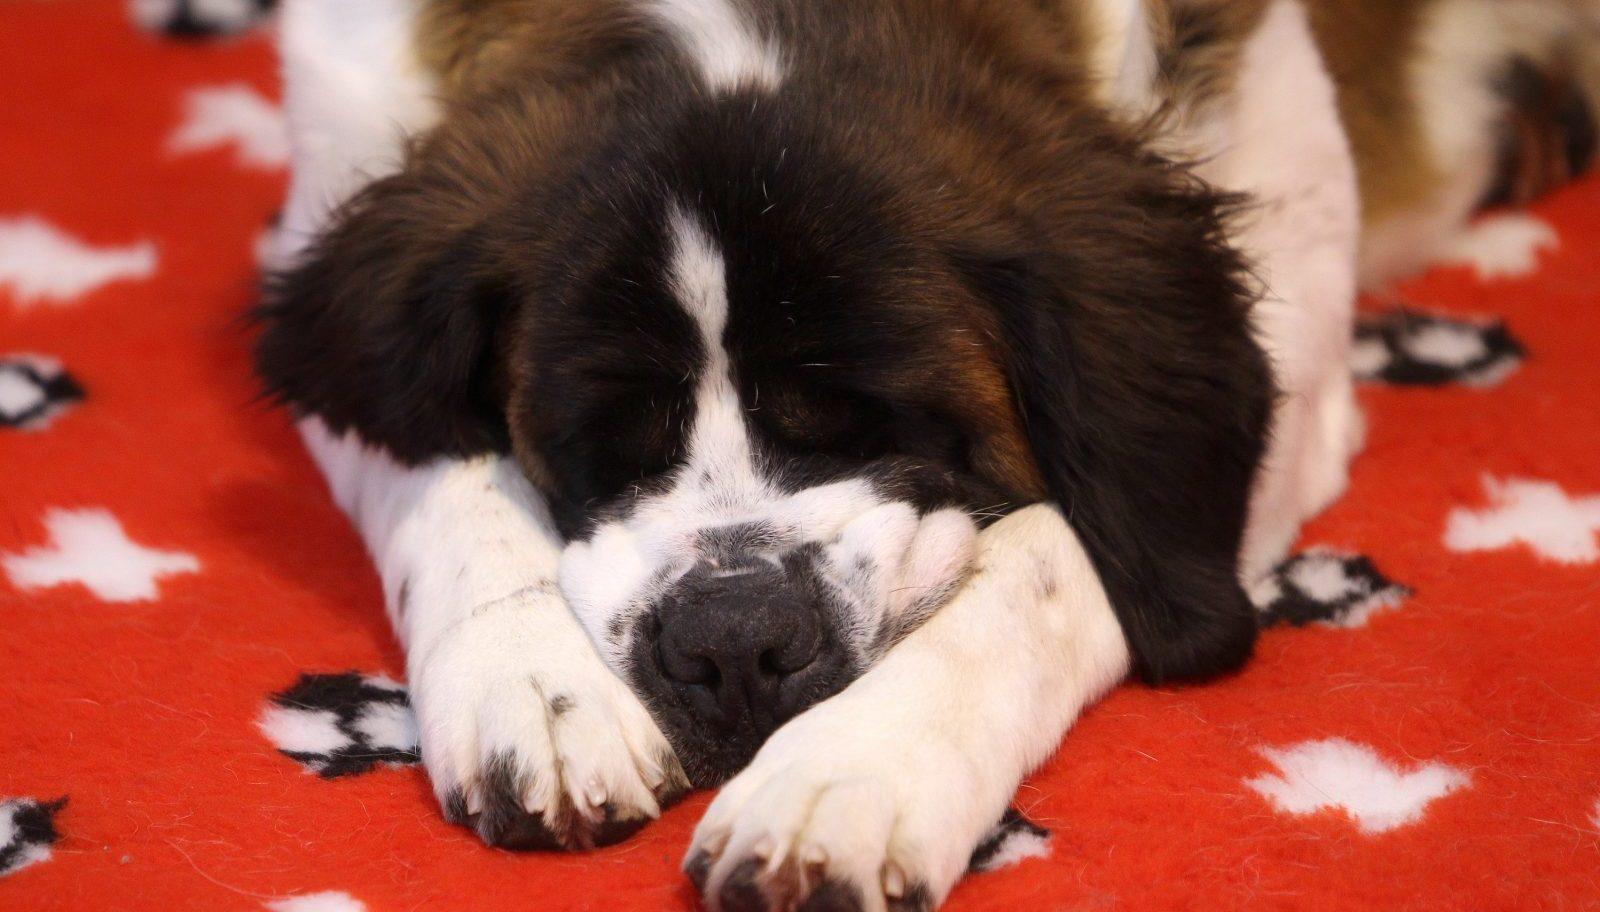 Saint Bernard napping on rug